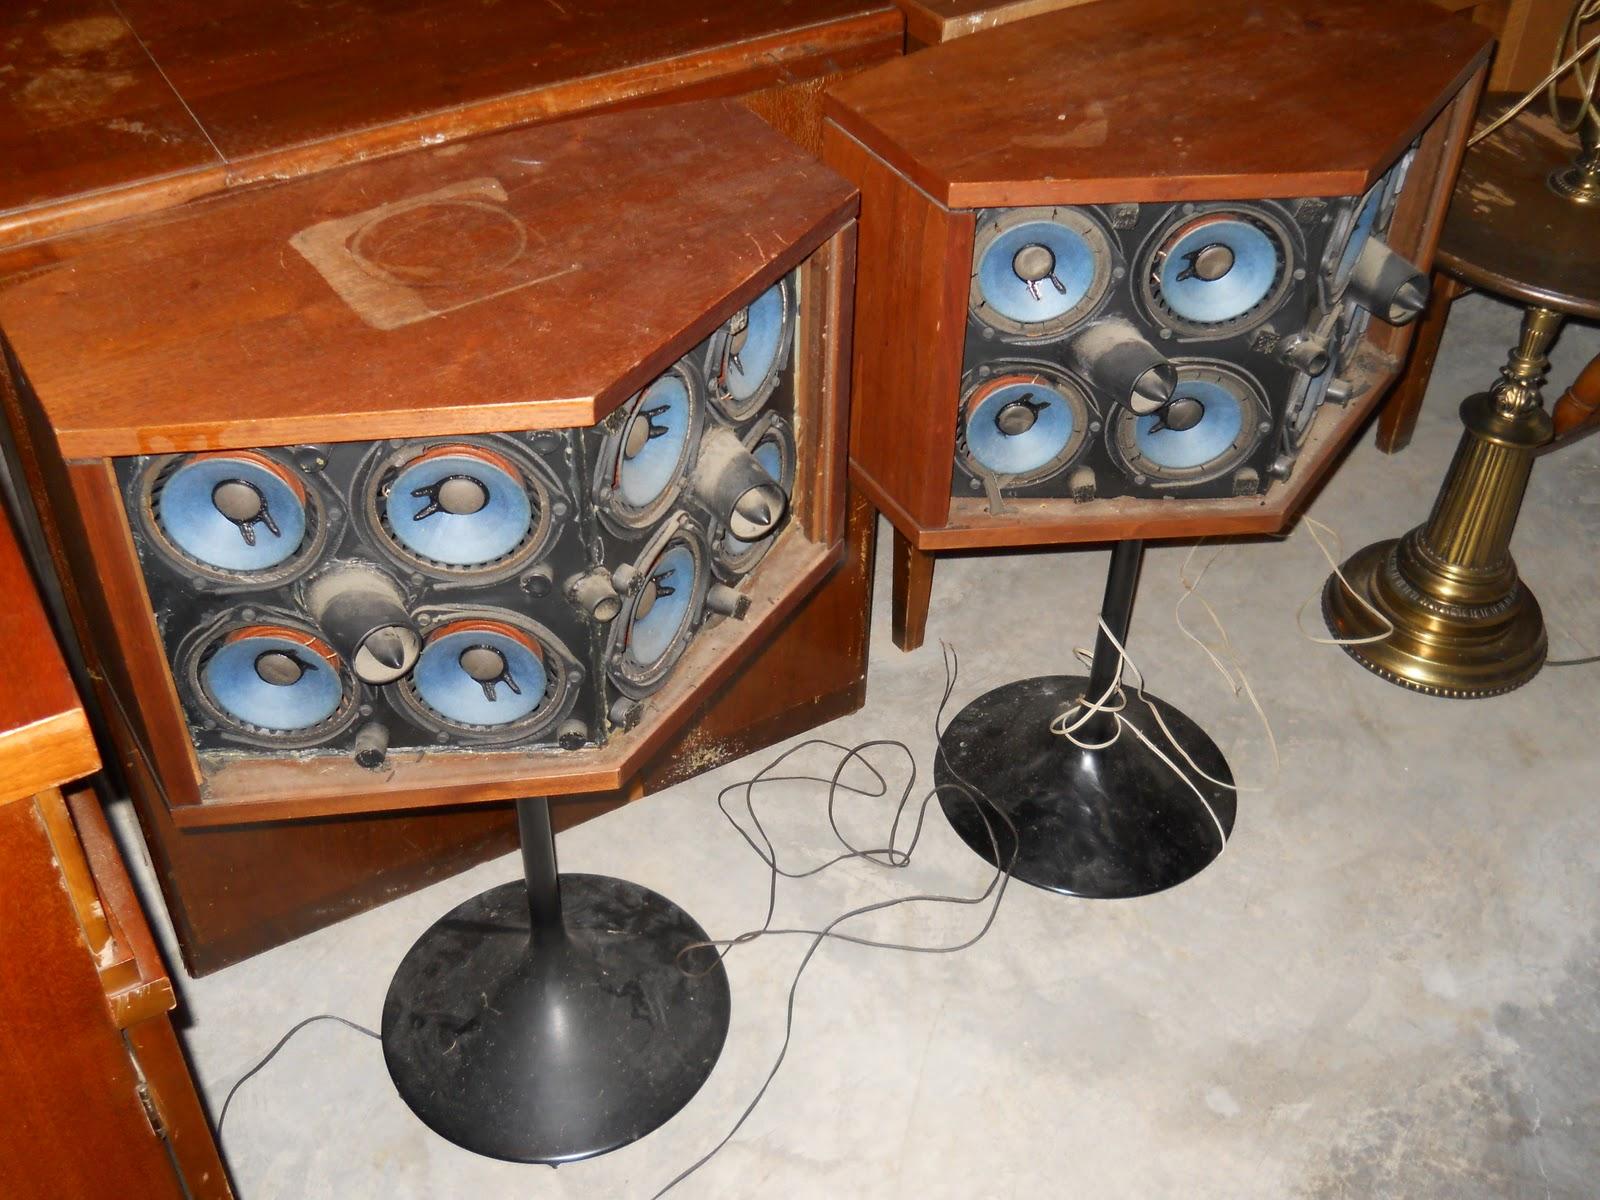 vintage bose speakers. vintage furniture love bose speakers